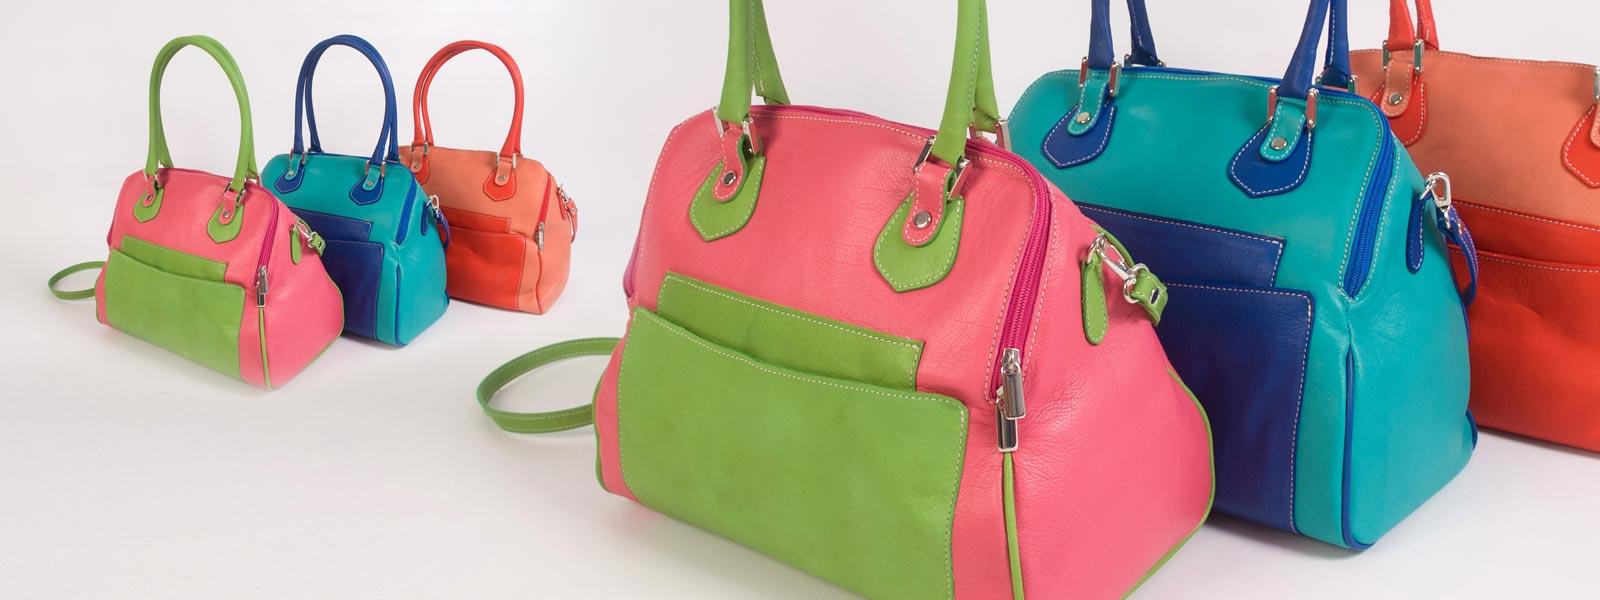 Best bags for spring summer 2016  - Bag Fashionista 7e1e4f1120d8e